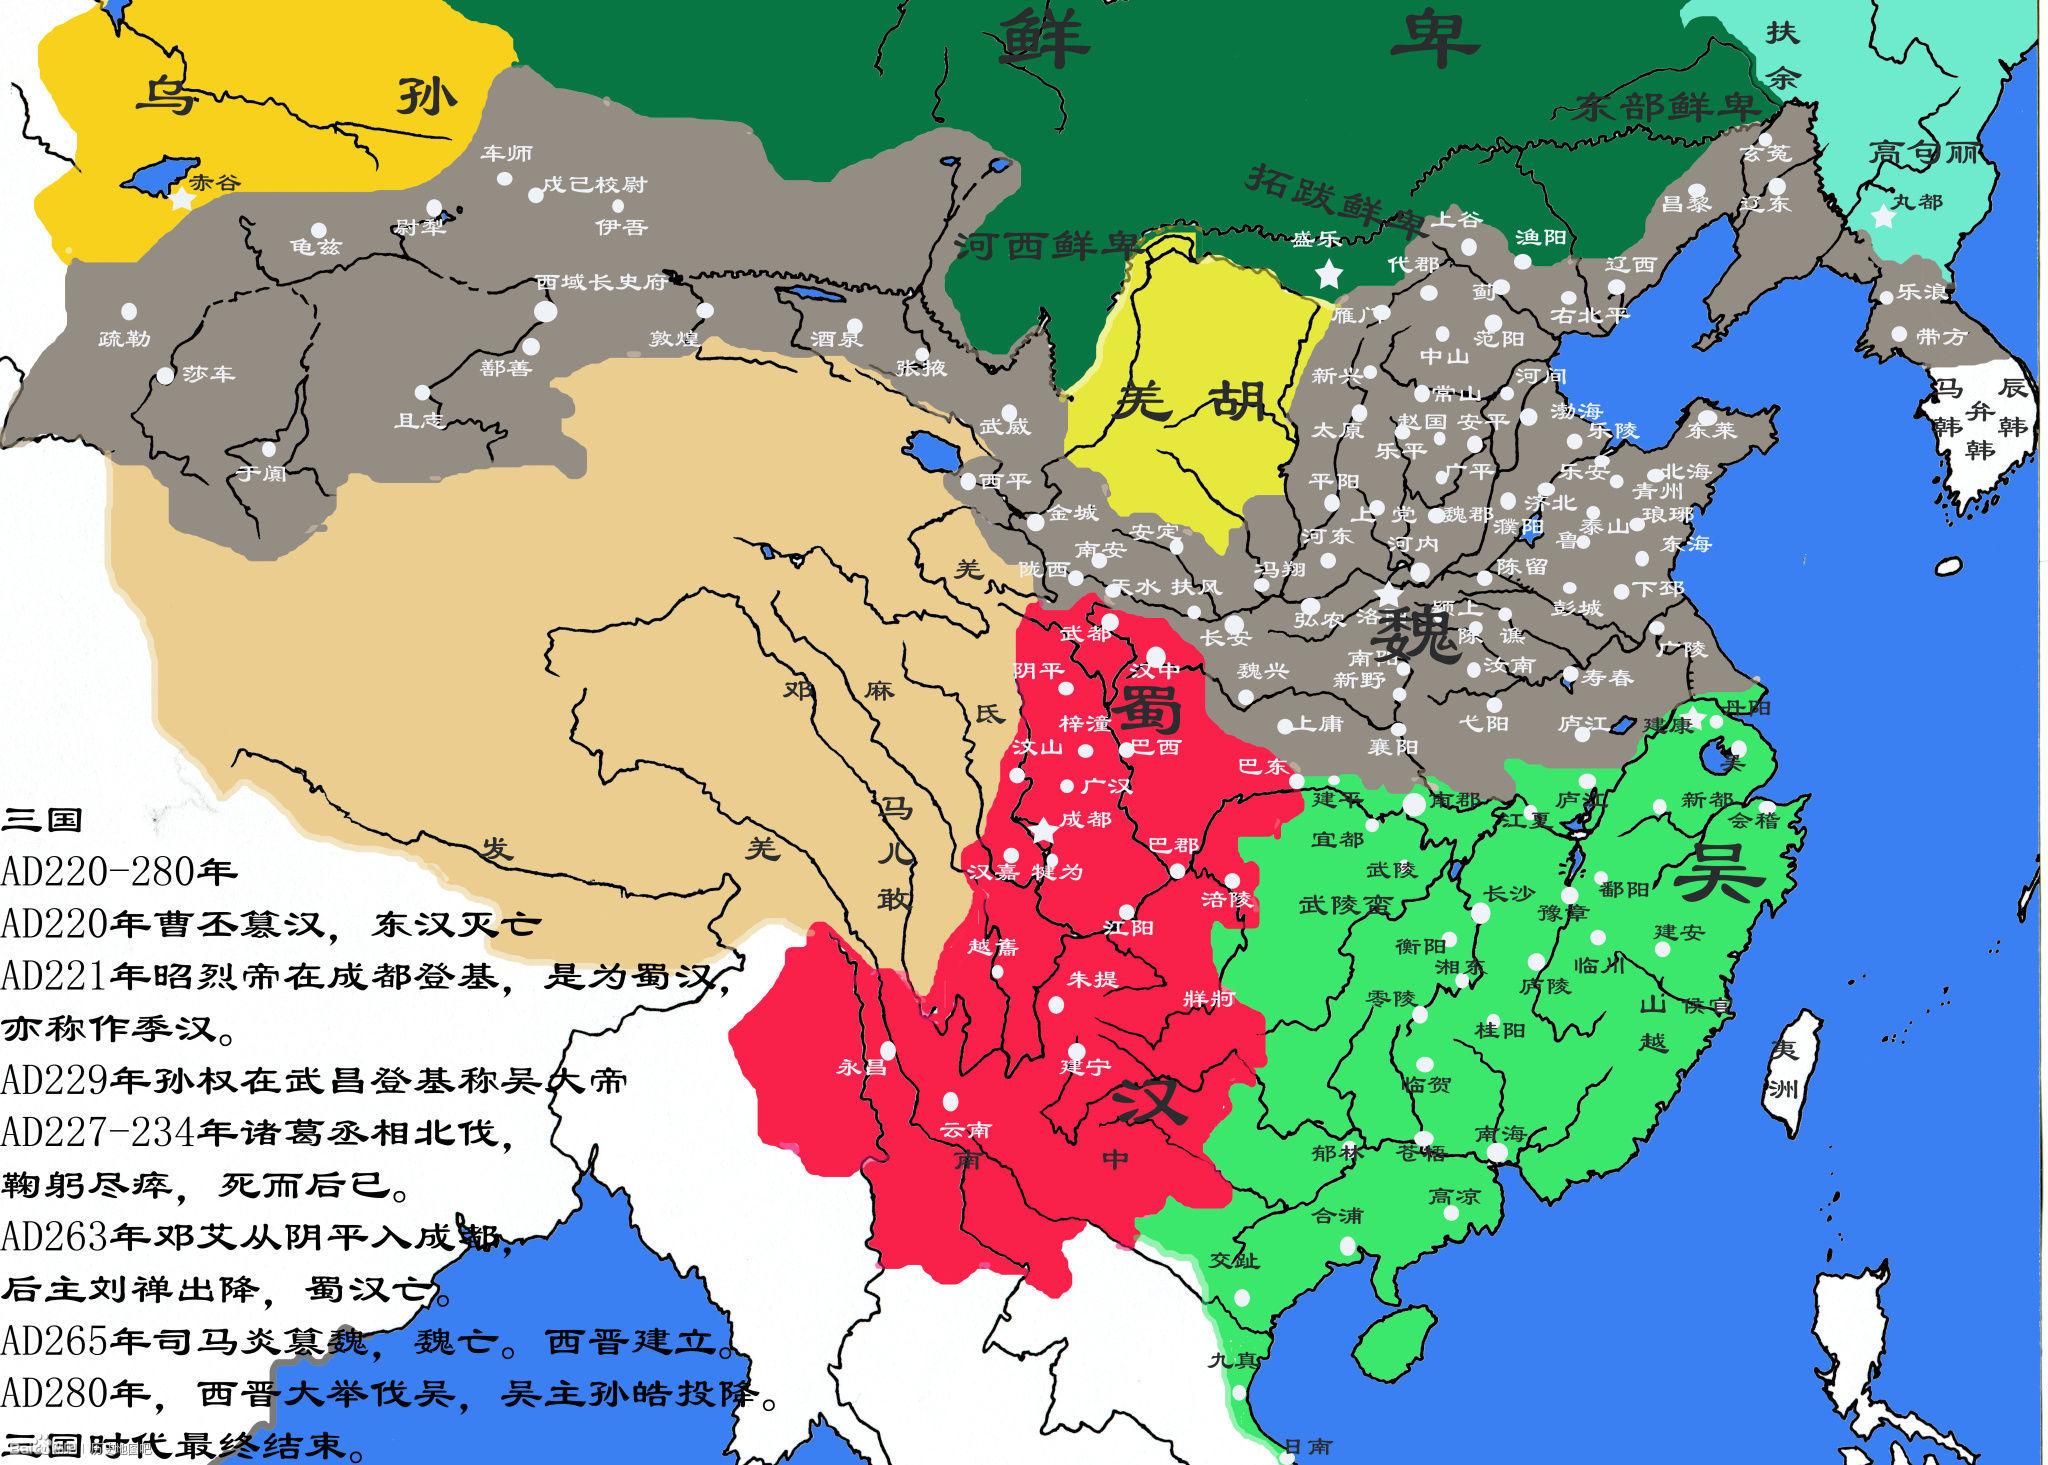 曹操创建的曹魏帝国为何这么快就灭亡了